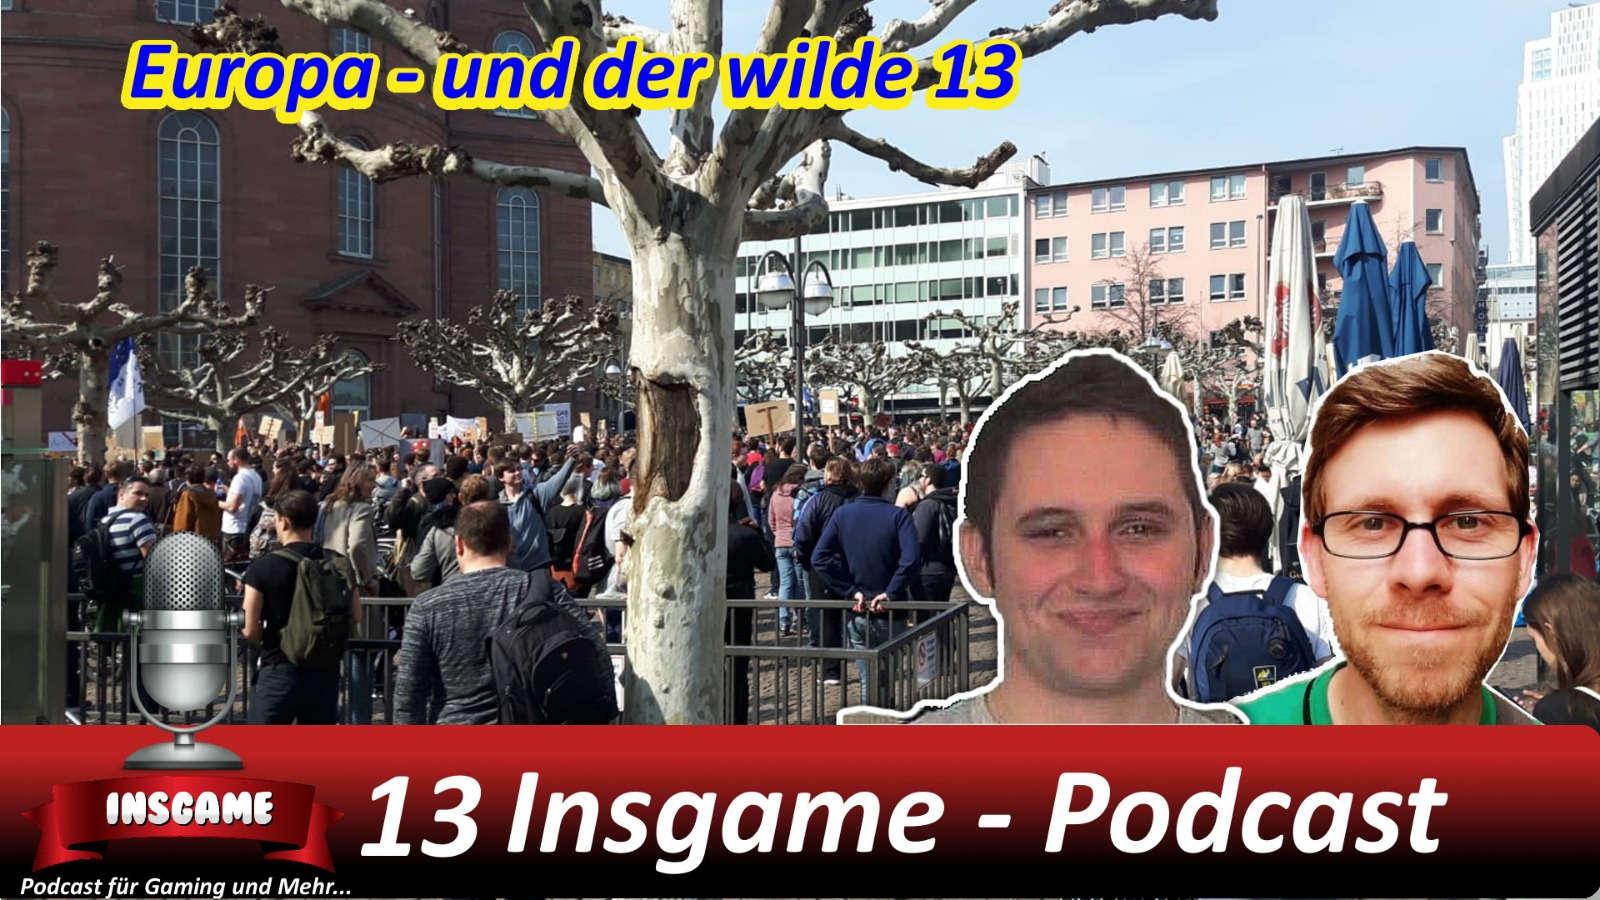 Insgame #013 Podcast für Gaming und Mehr